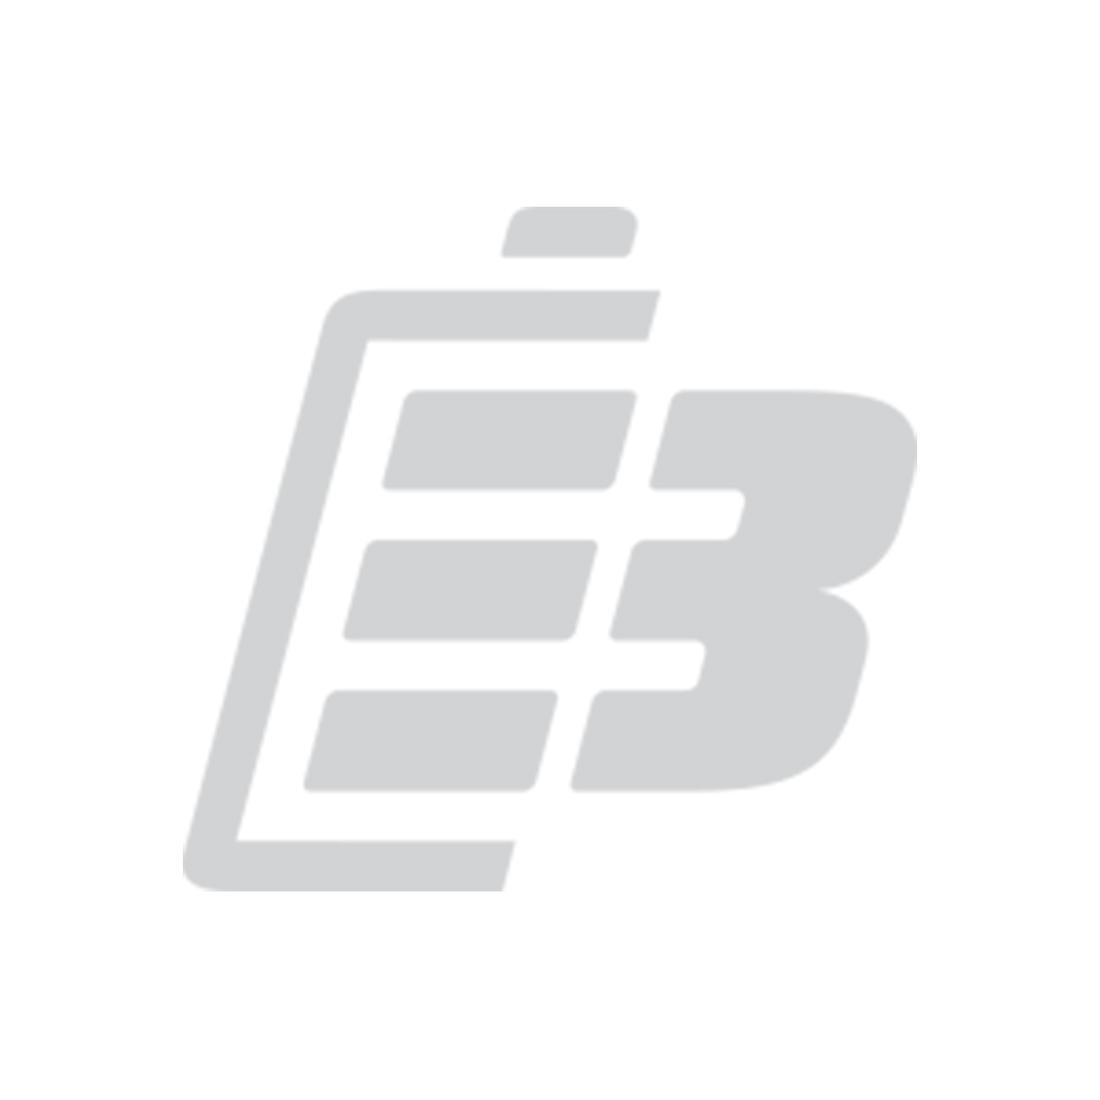 Smartphone battery Huawei Honor U8860_1